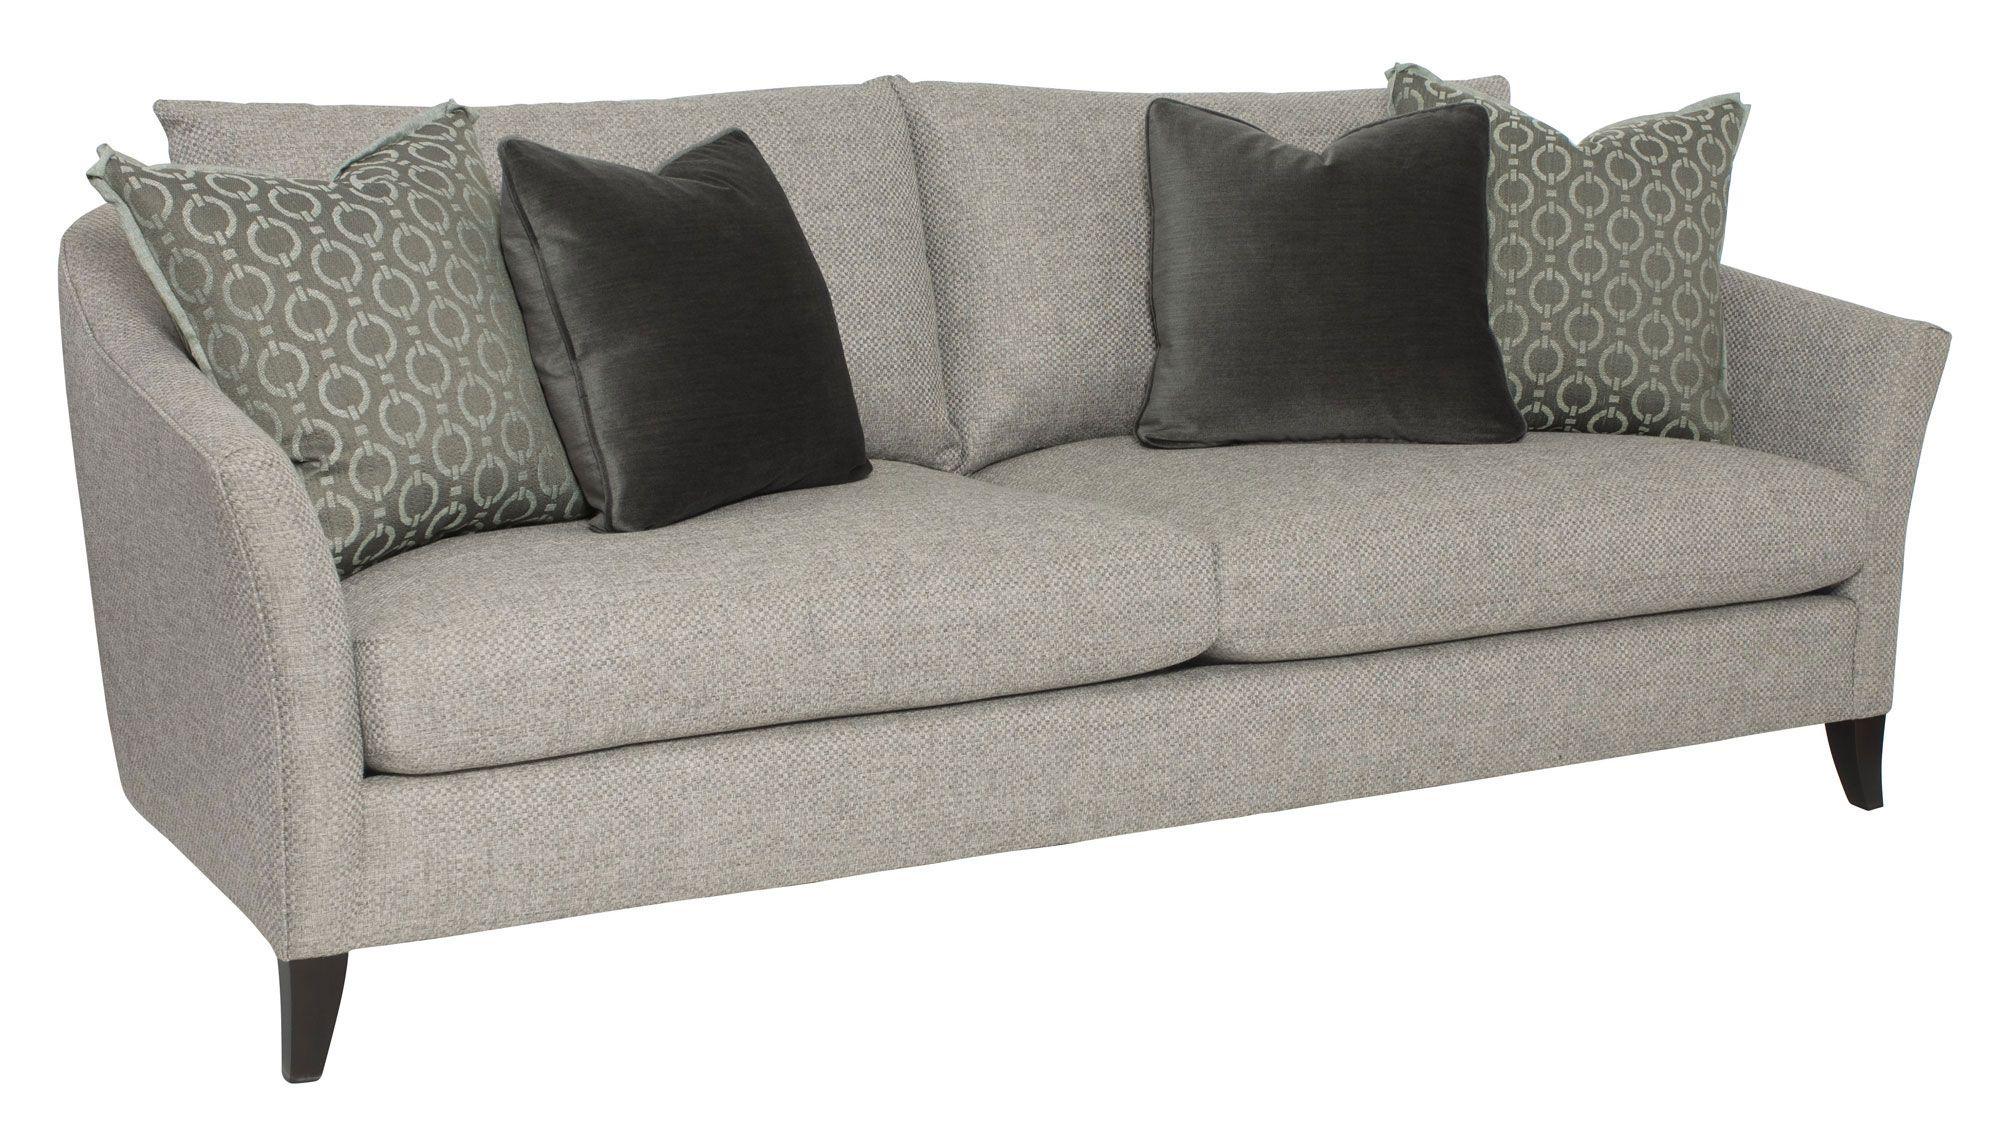 b8827 clairborne sofa bernhardt w 91 5 d 42 h 37 sh 17 ah 27 sd 24 8foot 2cushion nonskirted